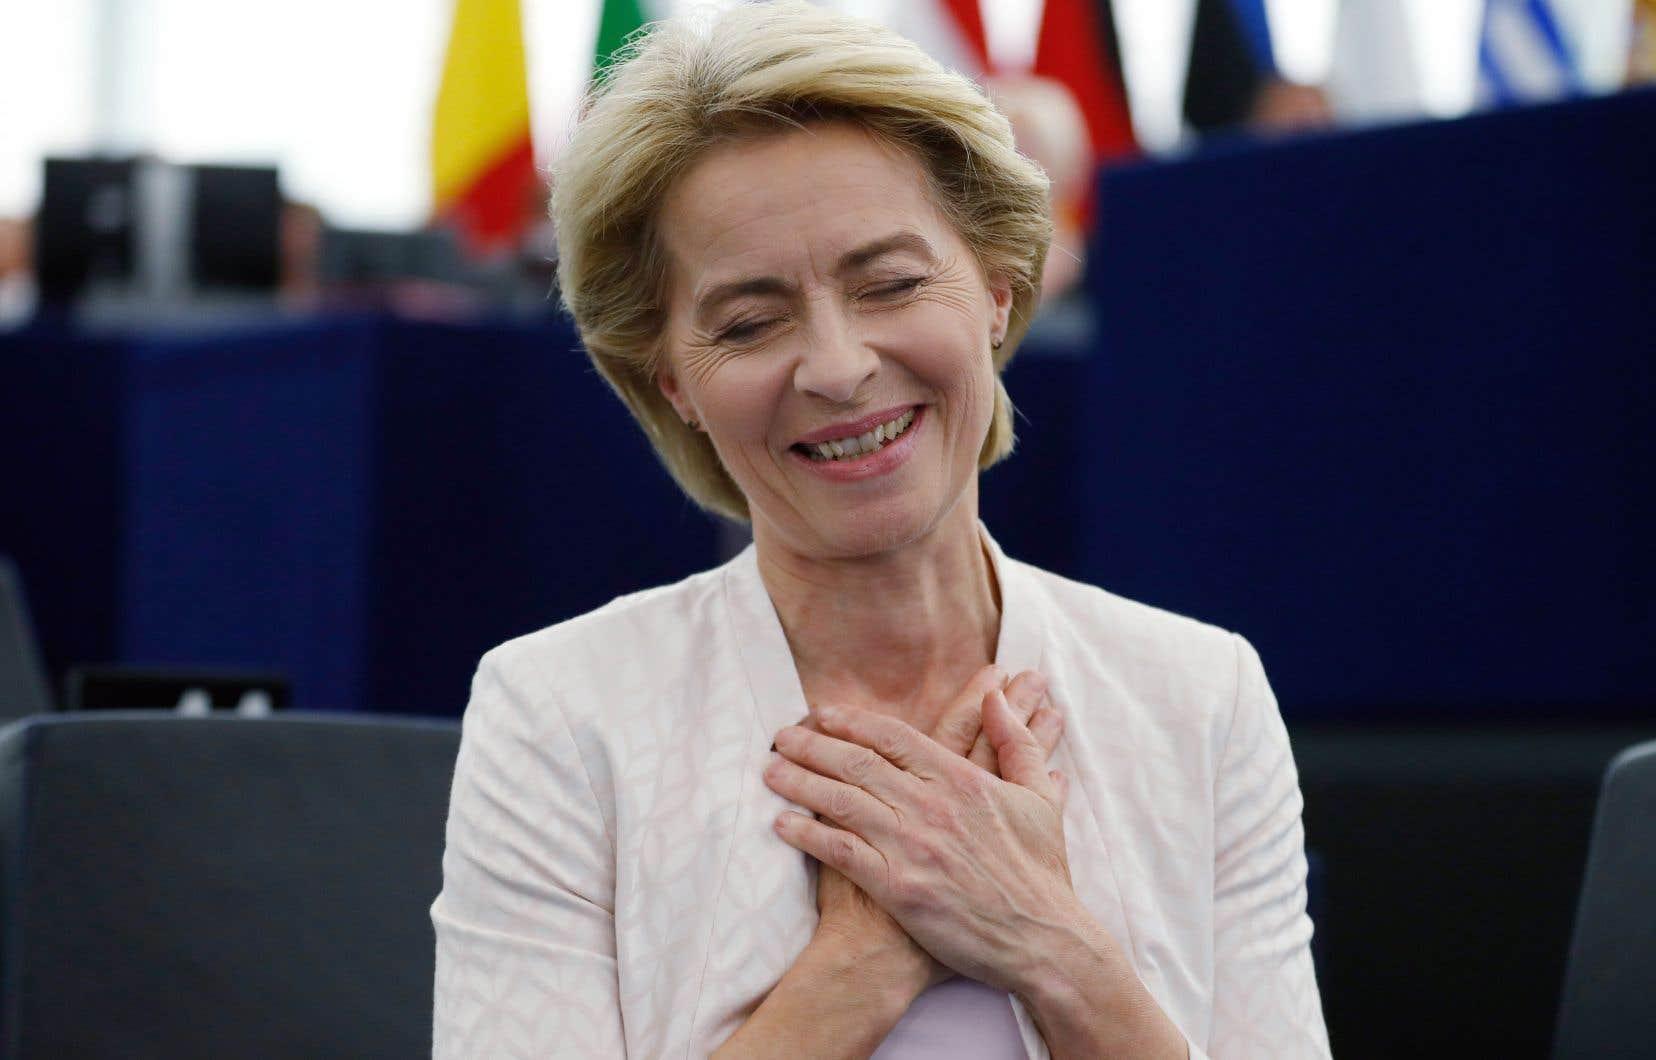 Avec 383 voix, l'actuelle ministre allemande de la Défense, candidate choisie par les États membres, a obtenu légèrement plus que la majorité absolue de 374 voix.